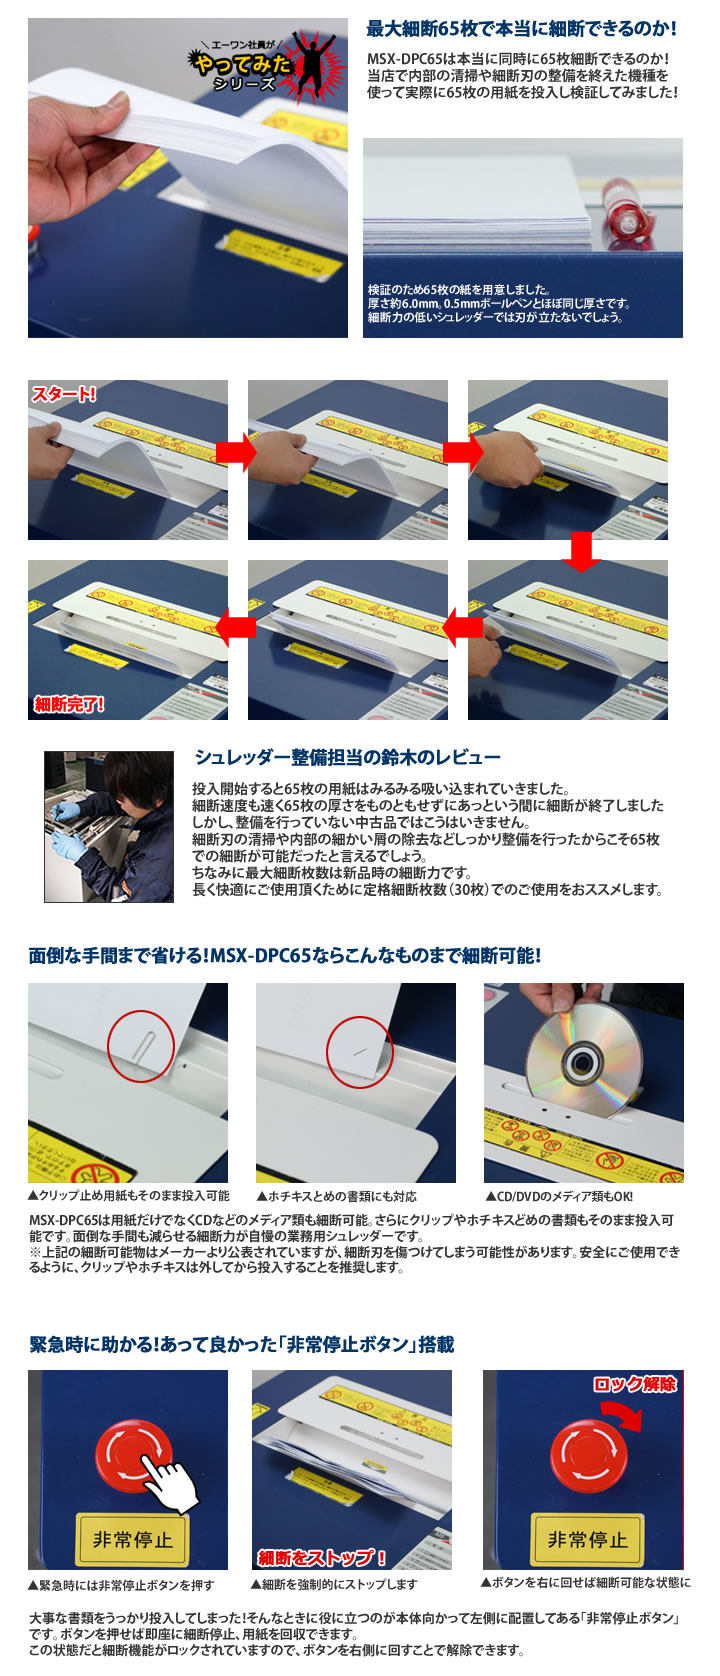 明光商会MSX-DPC65特徴